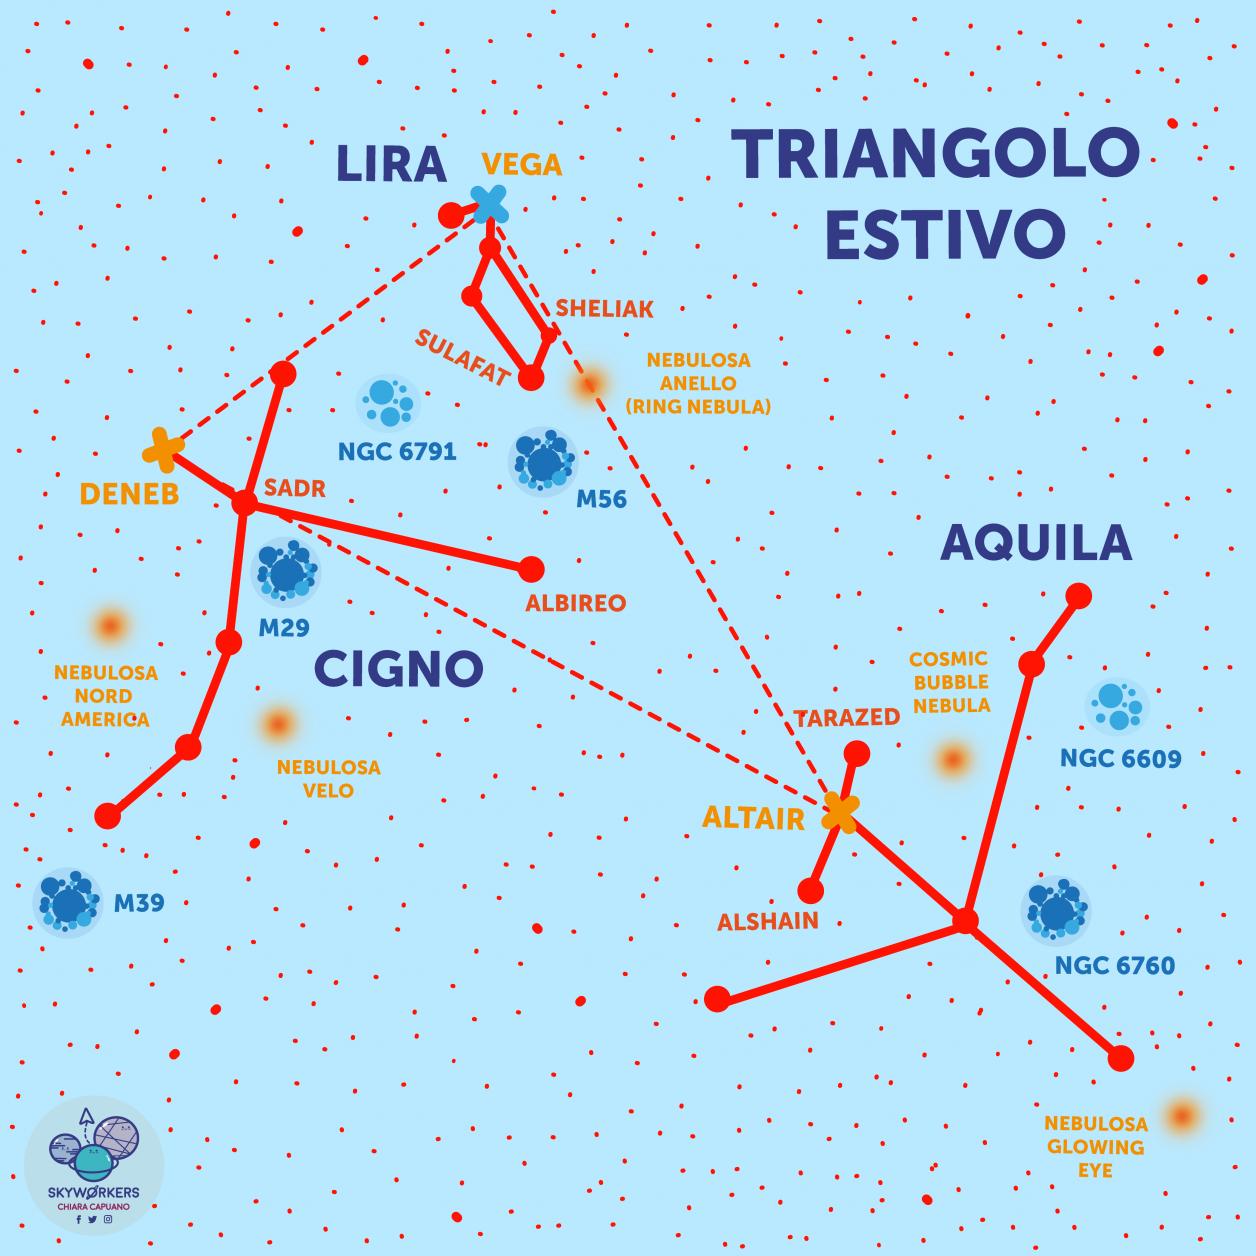 Triangolo Estivo